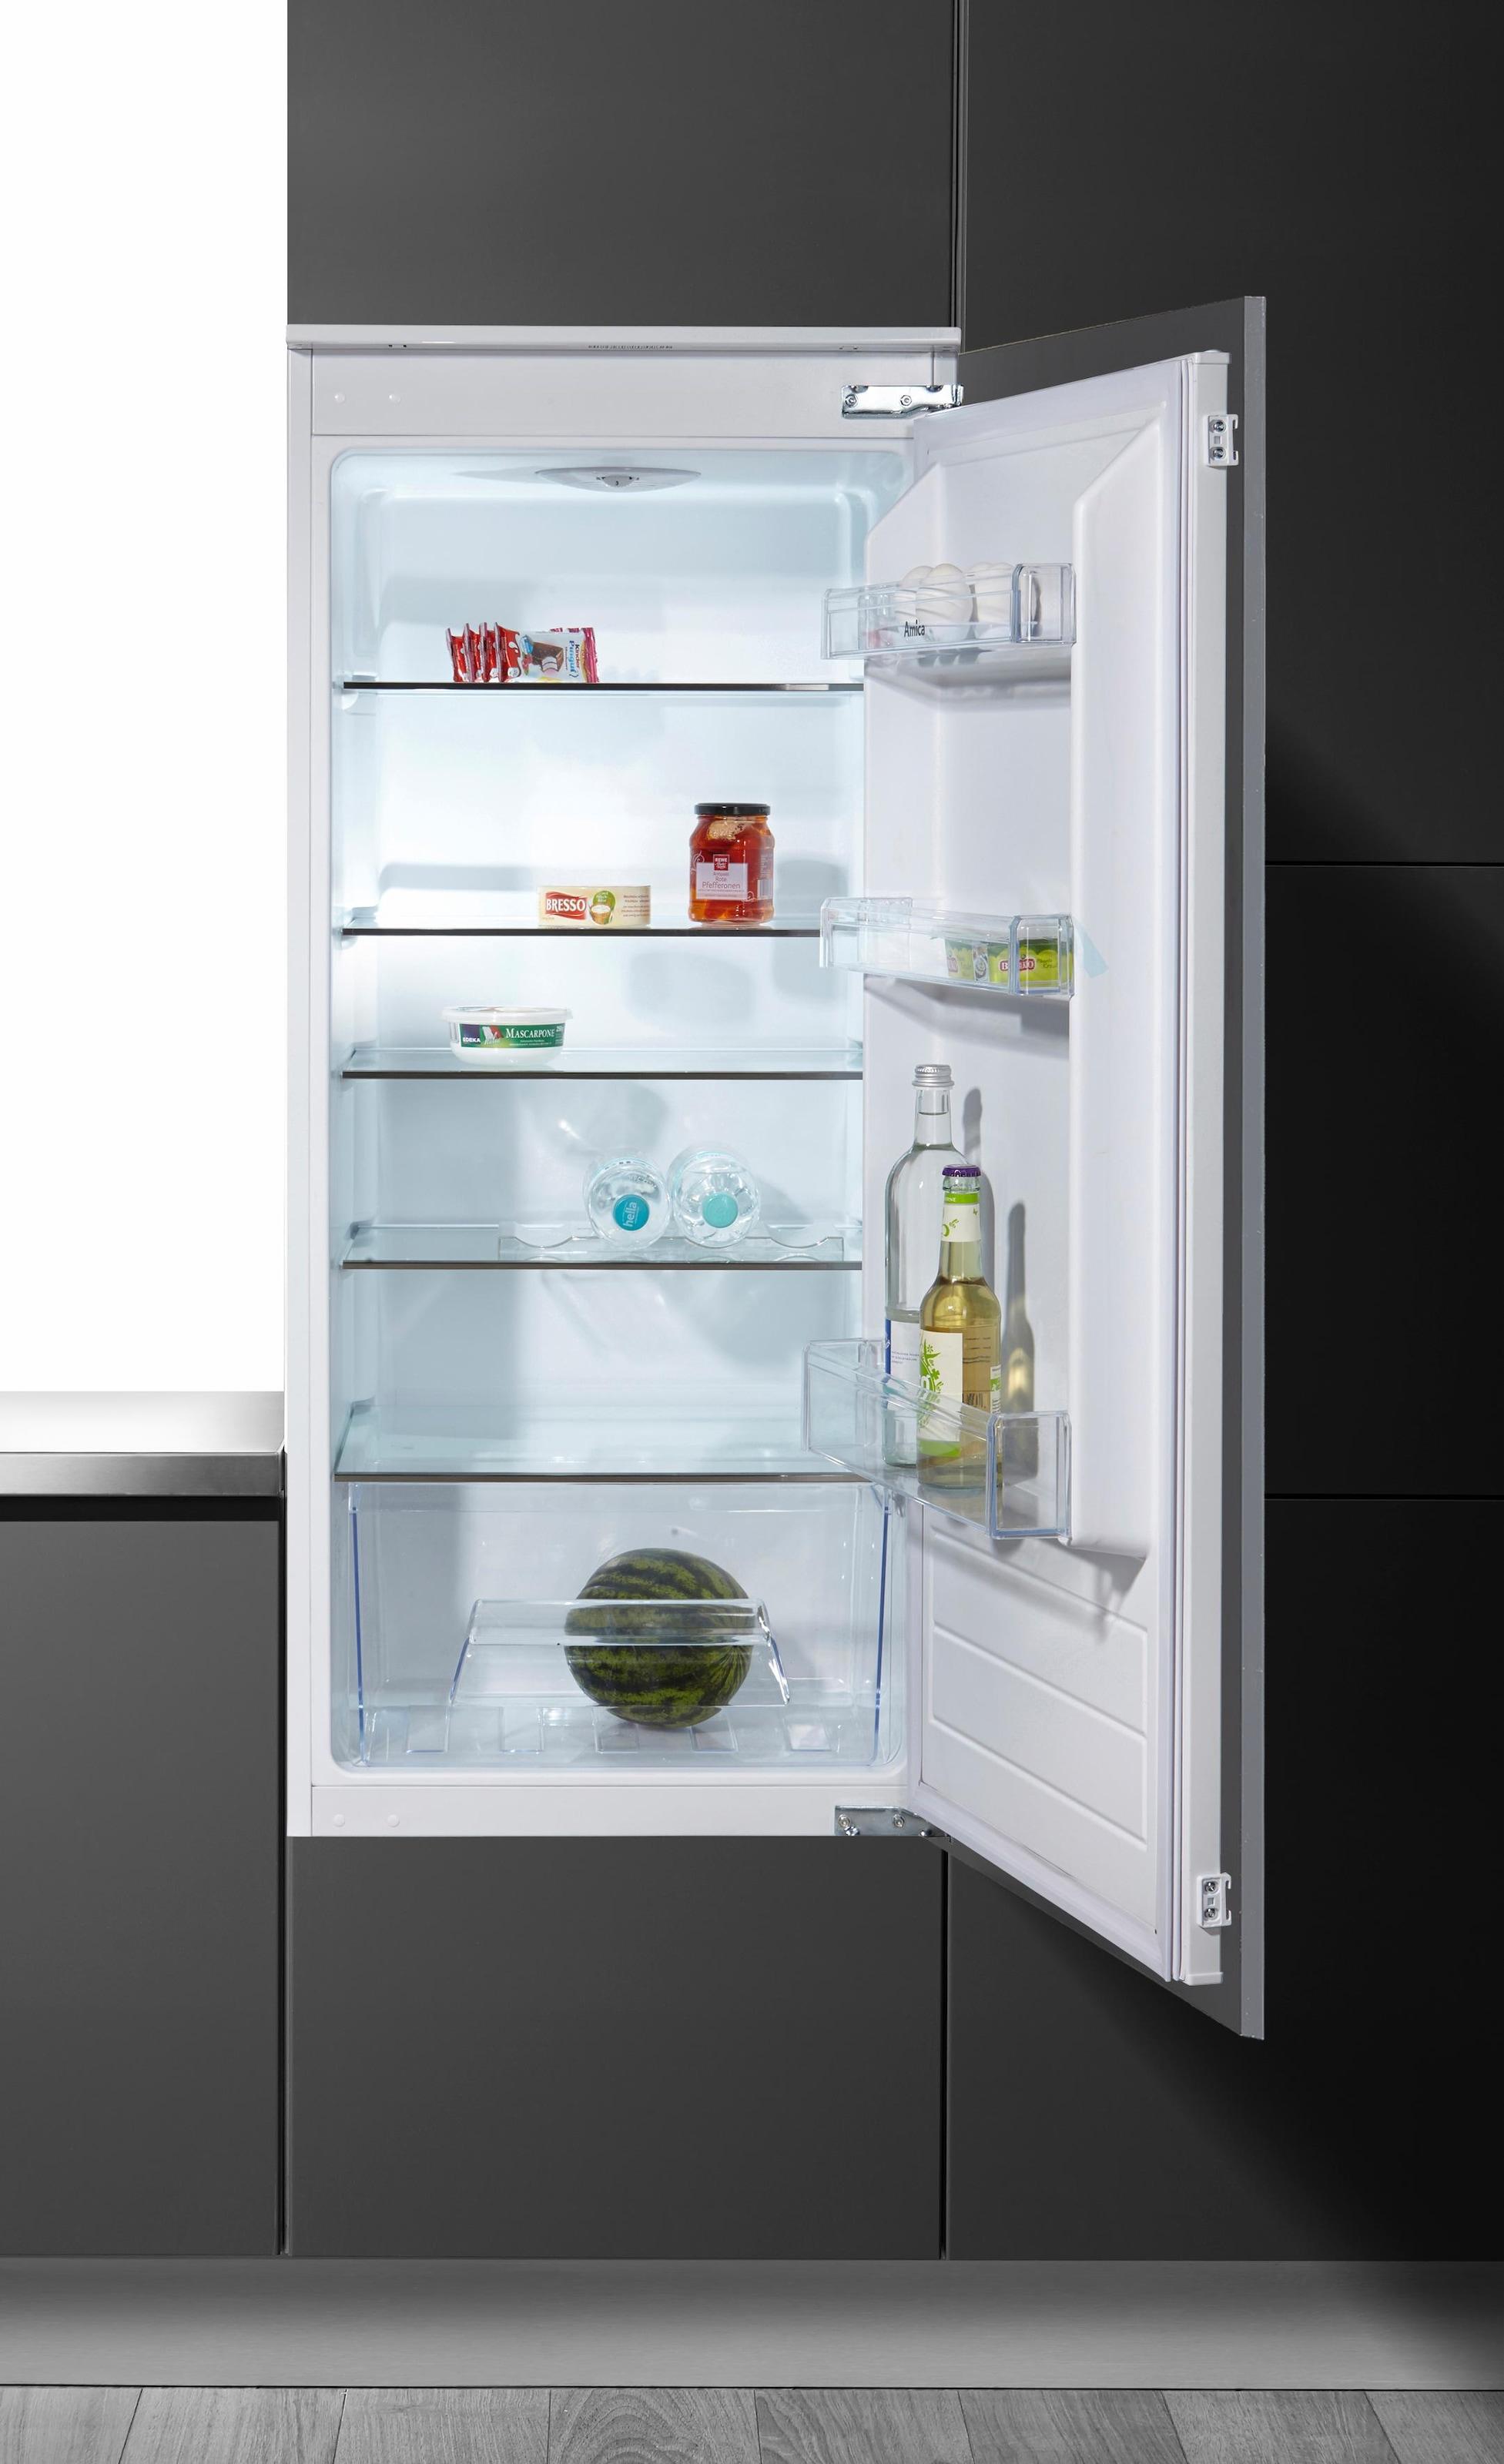 Kühlschrank Ohne Gefrierfach Groß : Einbaukühlschränke ohne gefrierfach auf rechnung raten kaufen baur